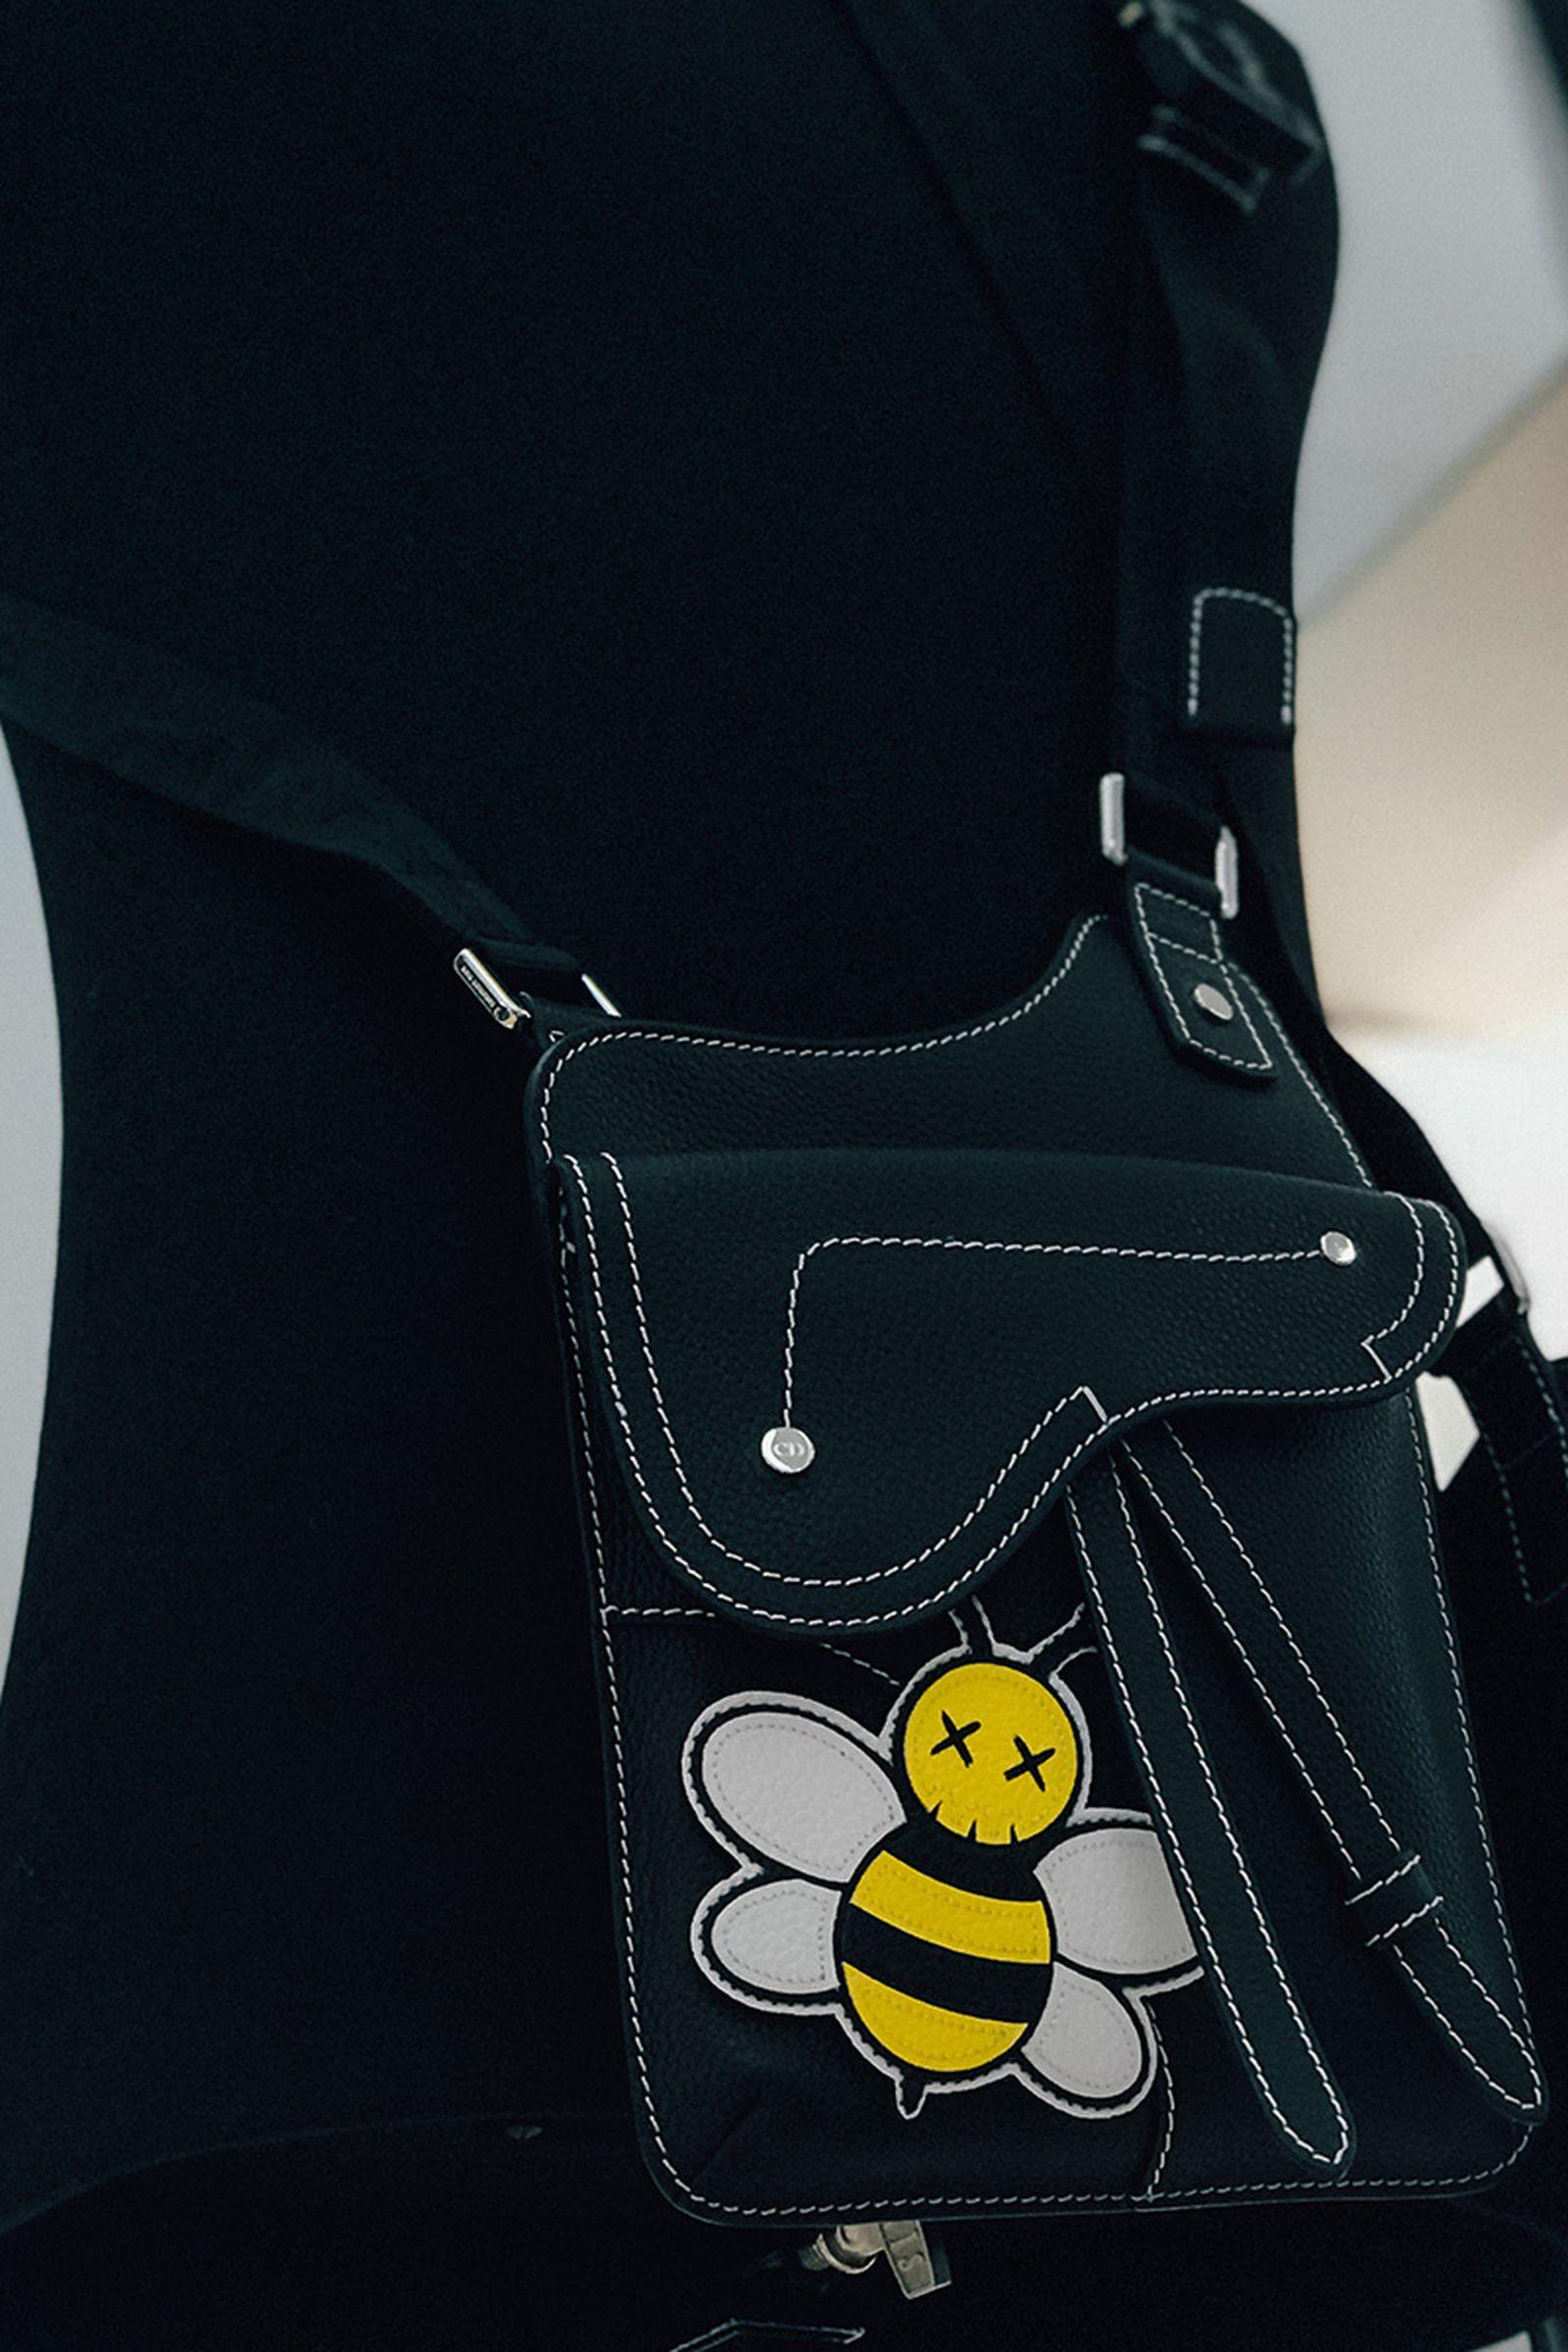 kaws dior accessories KAWS BFF